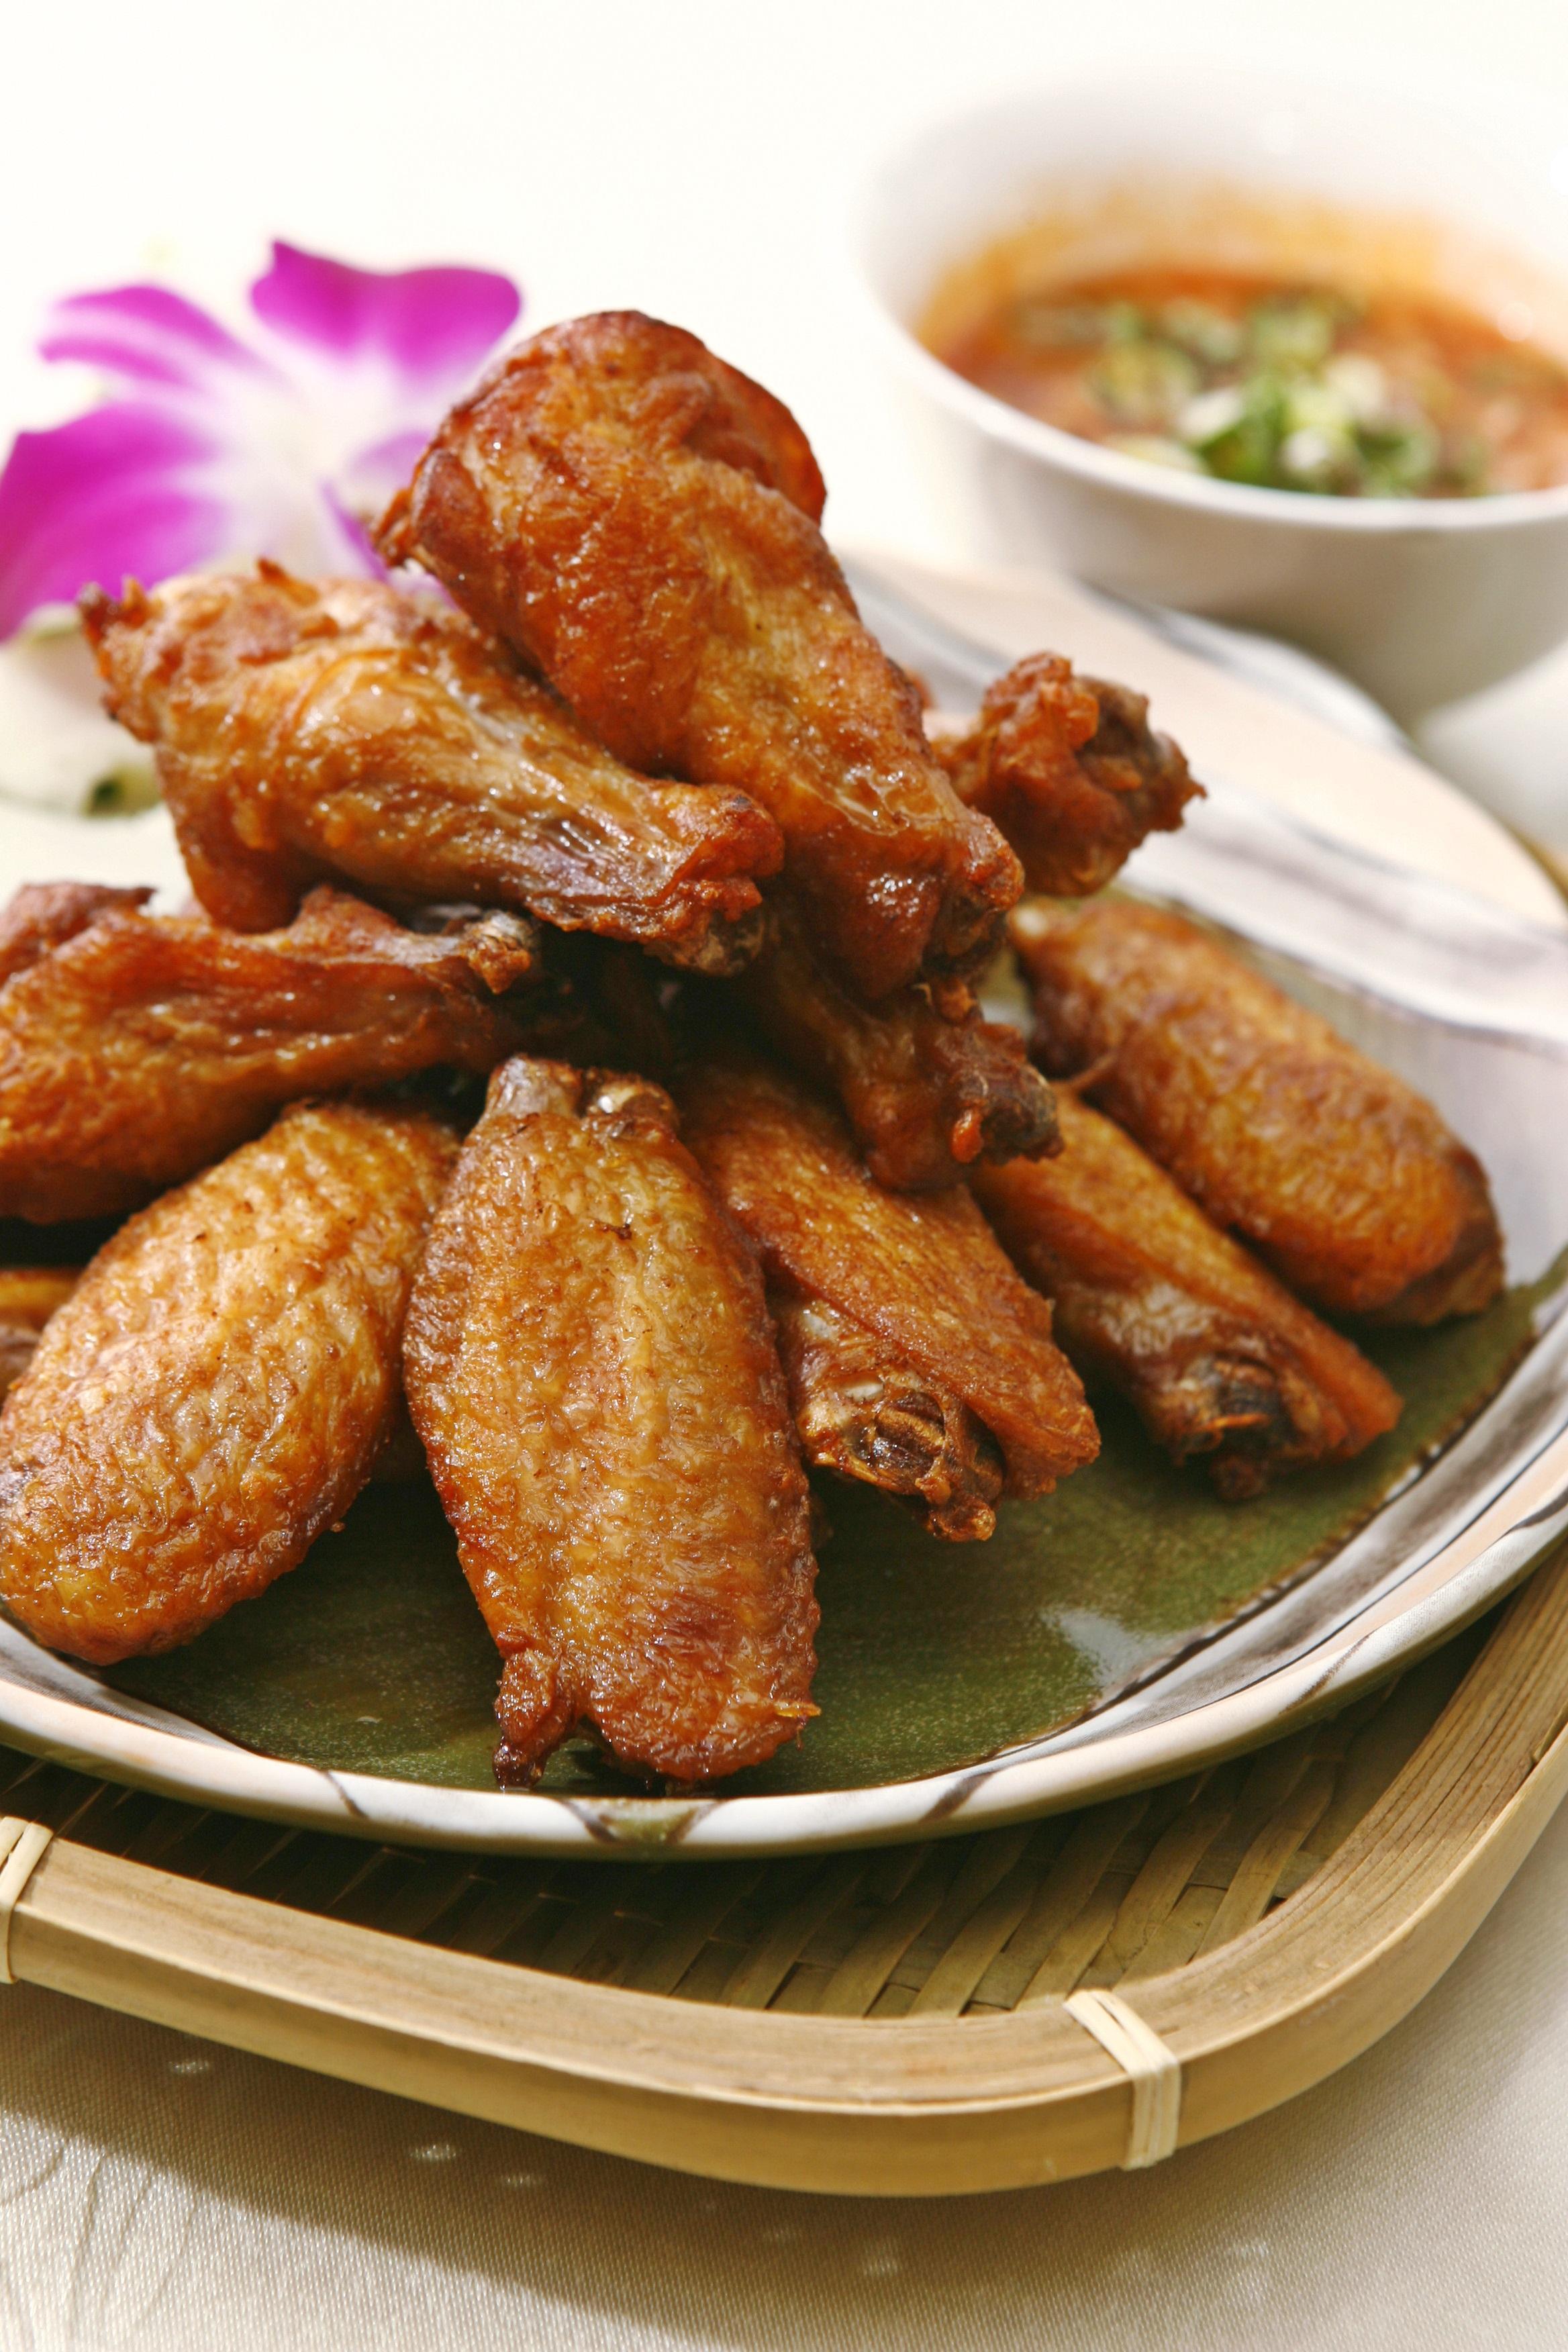 曼谷蘭城金雞翅